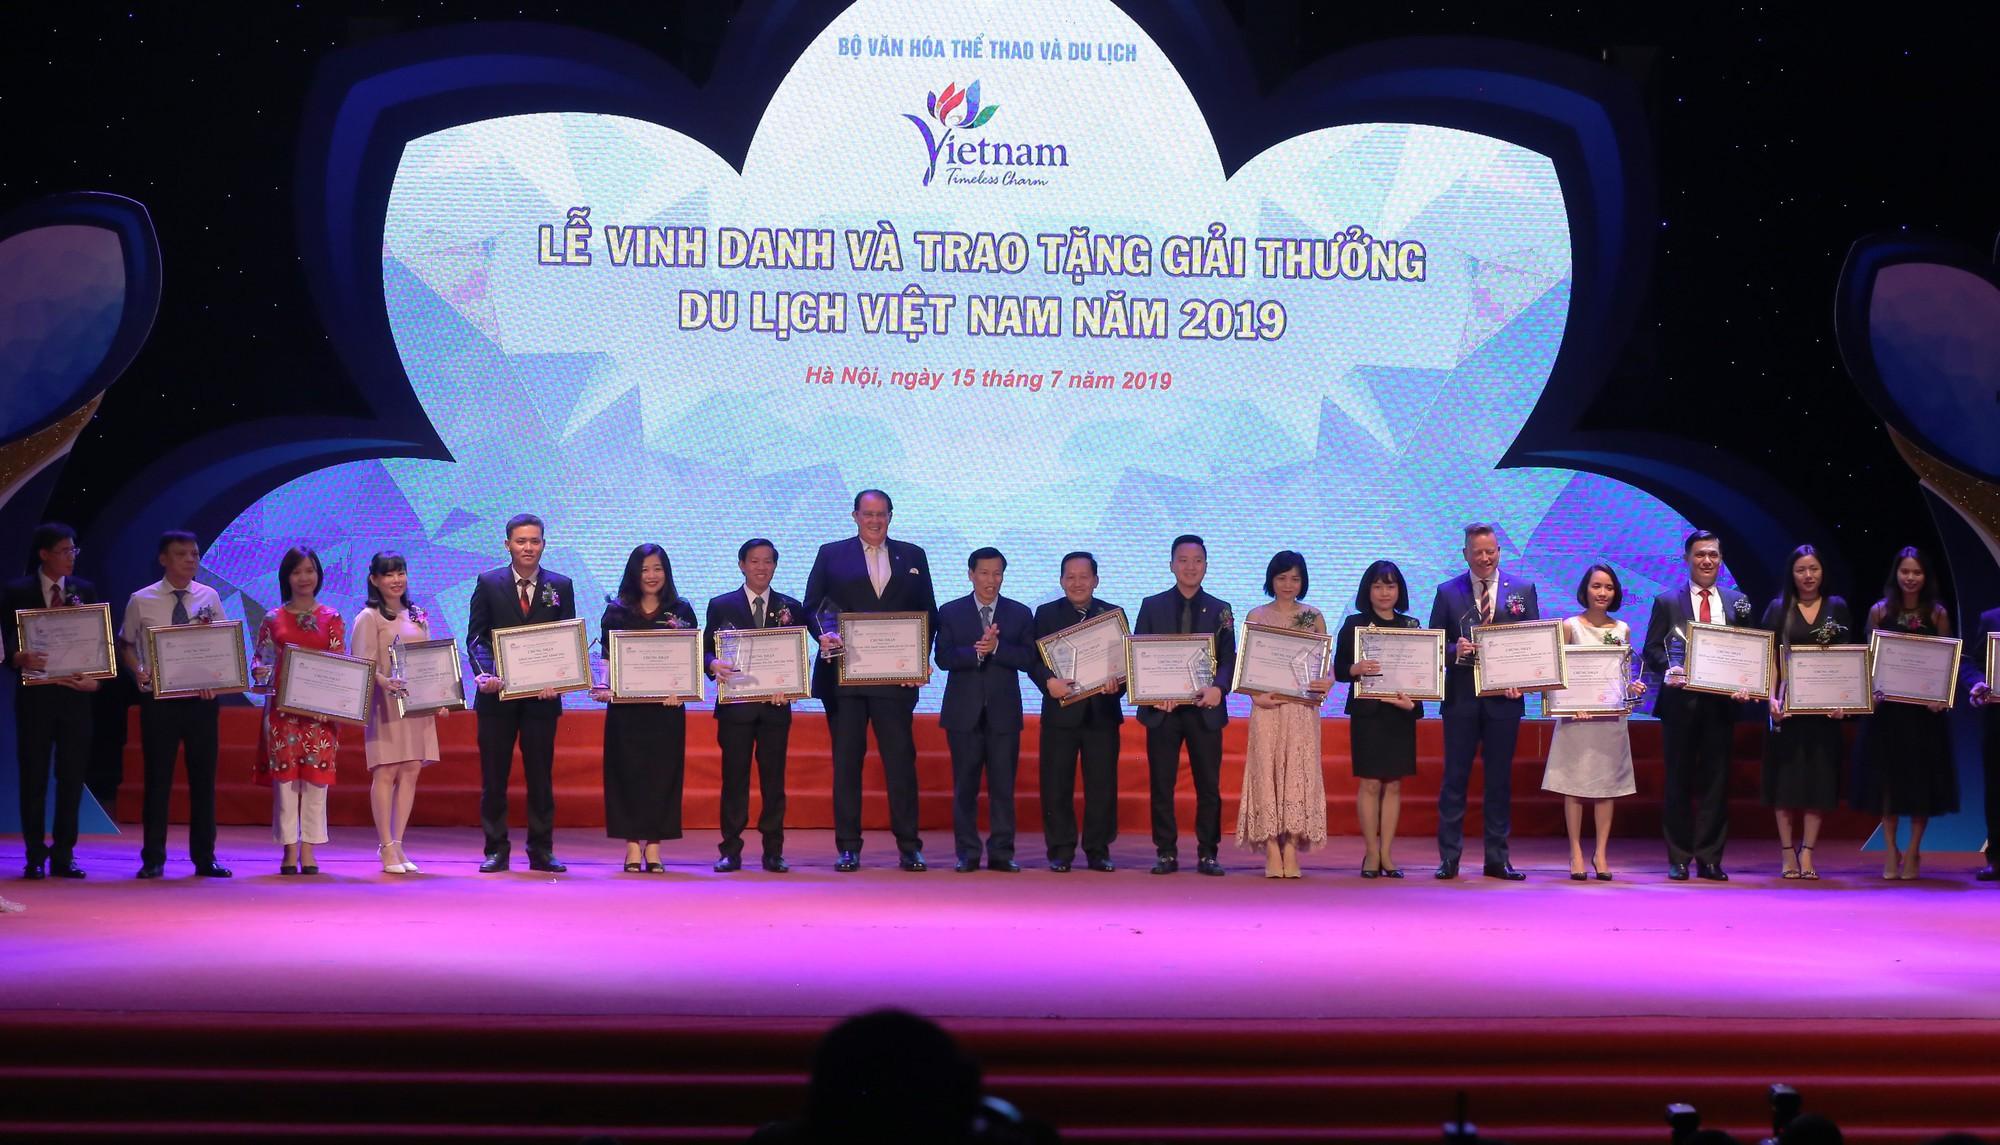 Năm 2019 có 10 khách sạn 5 sao tốt nhất Việt Nam; 10 khách sạn 4 sao tốt nhất Việt Nam.